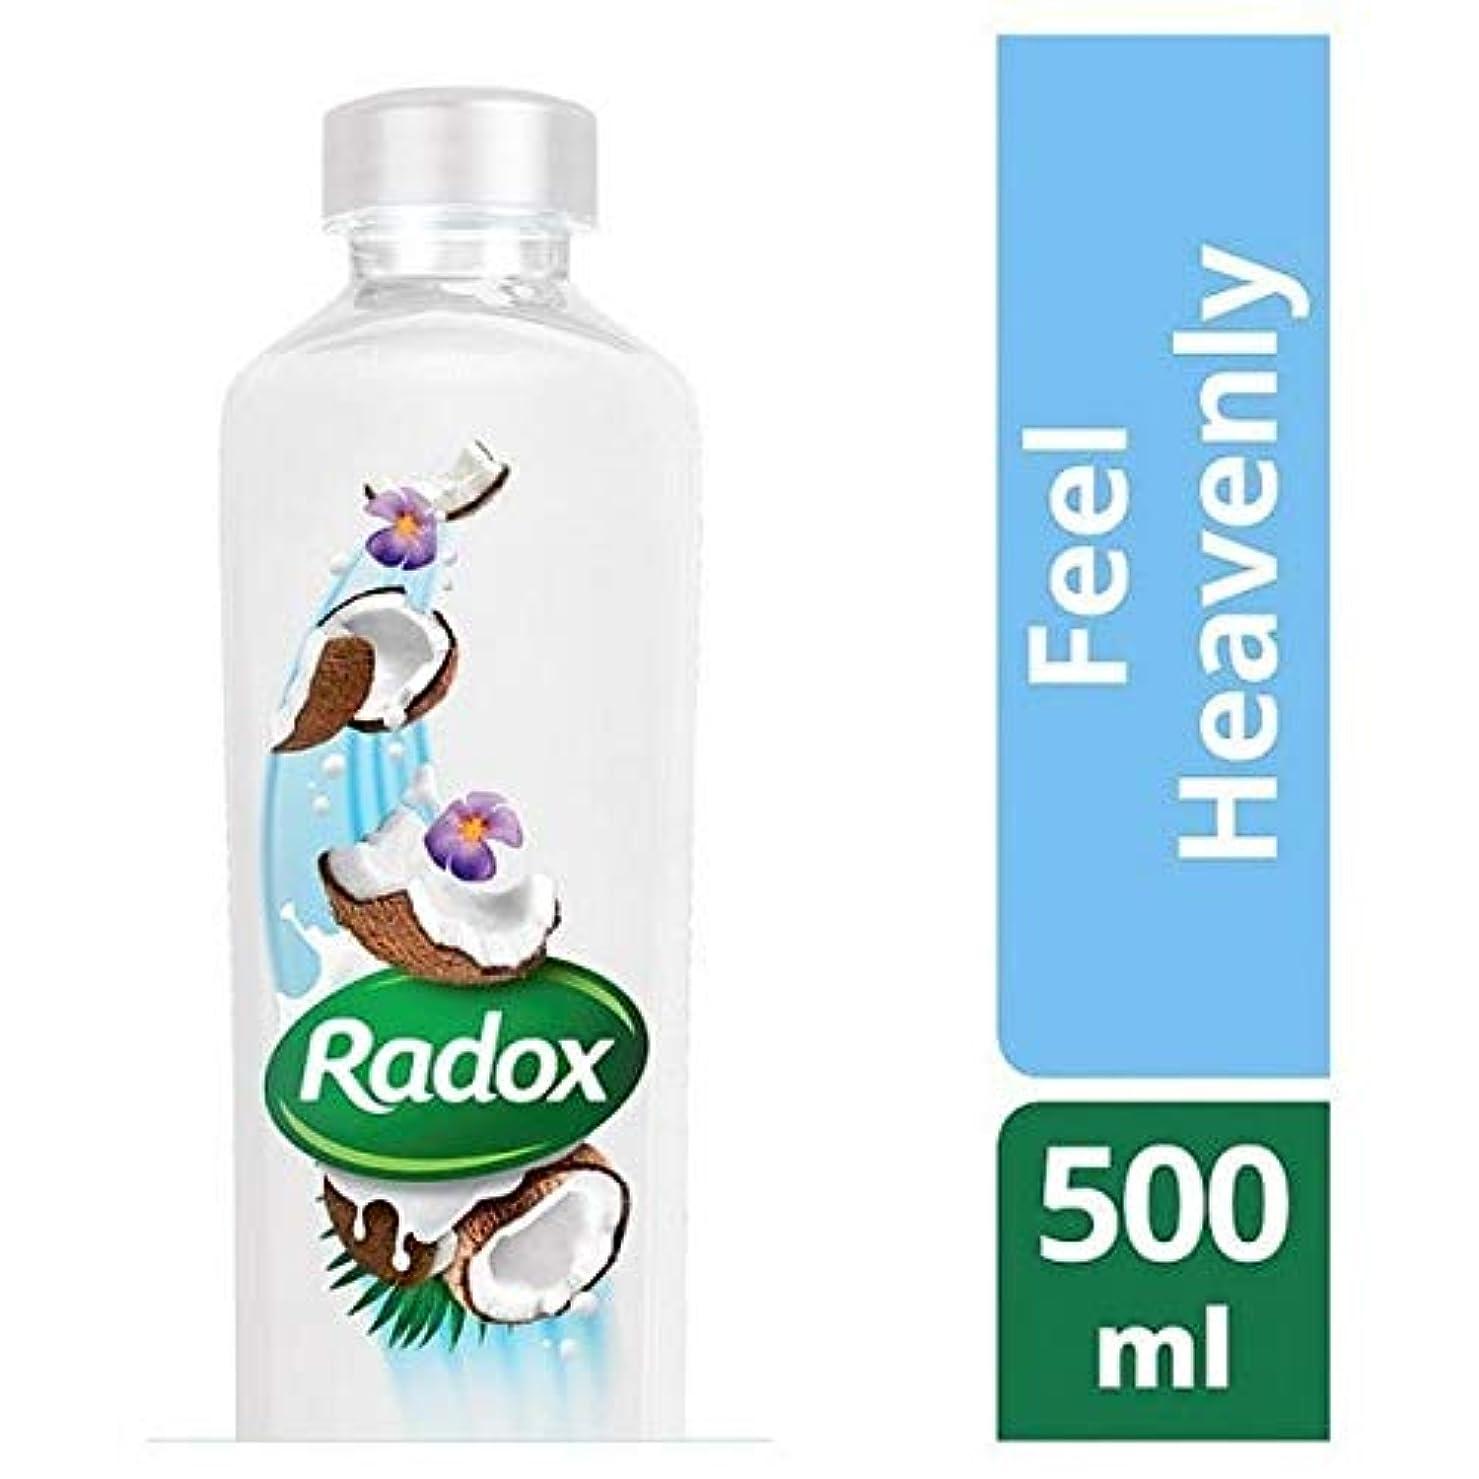 捕虜演じるモバイル[Radox] Radoxは天国の500ミリリットルを感じます - Radox Feel Heavenly 500ml [並行輸入品]